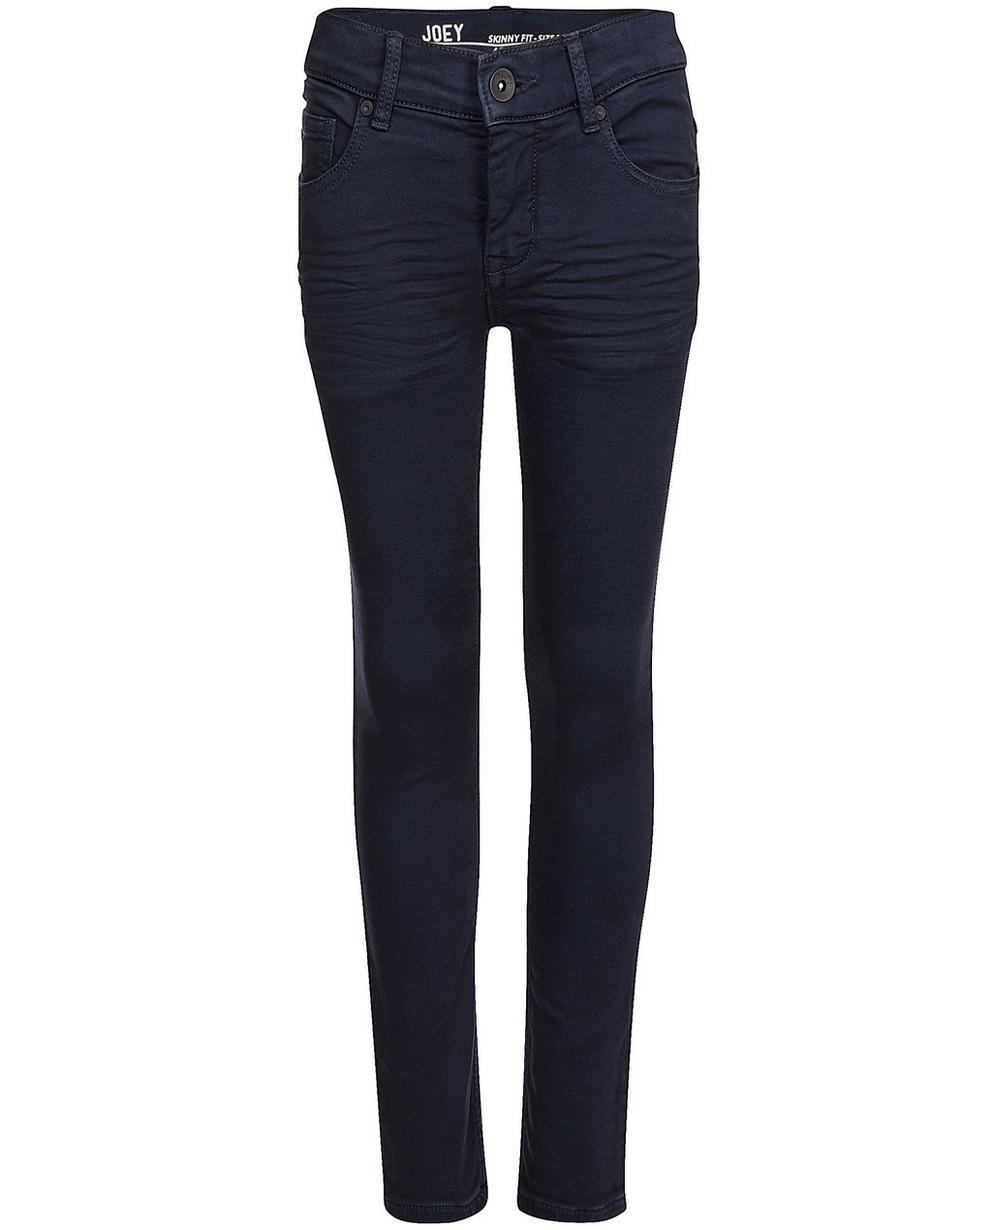 Pantalons - navy - Jeans skinny JOEY, 7-14